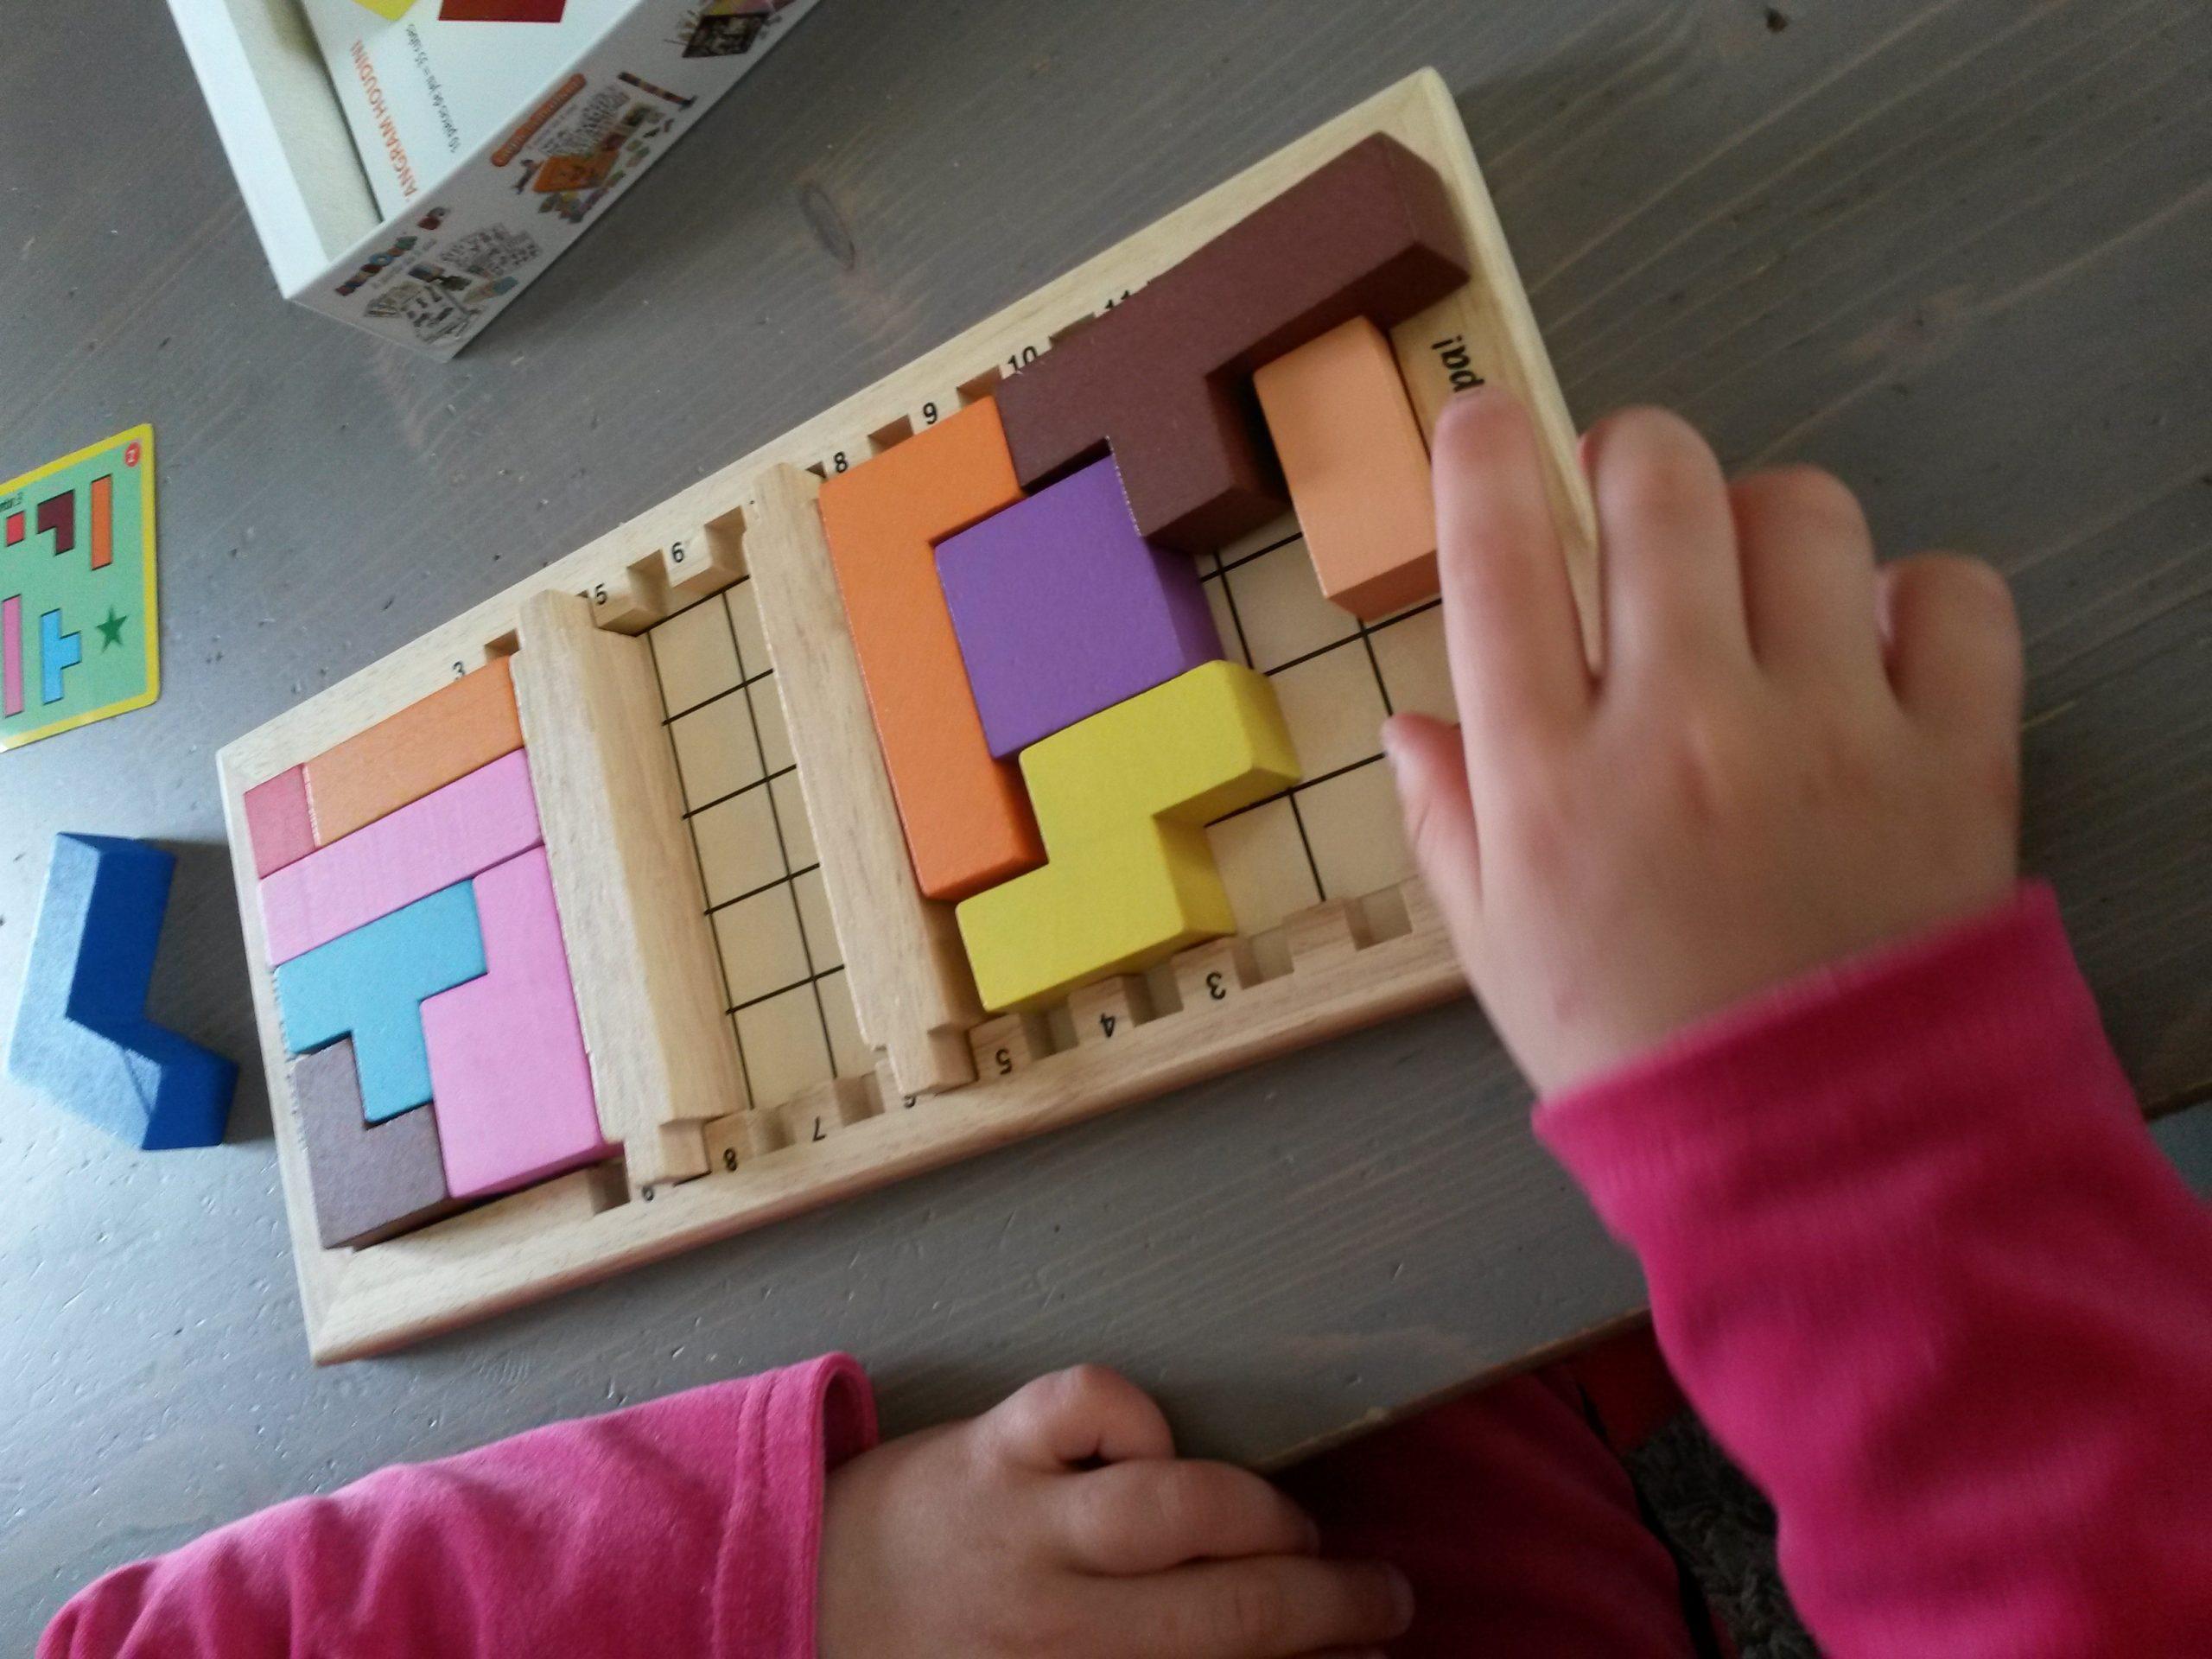 Ma Sélection De 5 Jeux De Logique Pour Les Enfants à Jeux Fille 3 Ans Gratuits